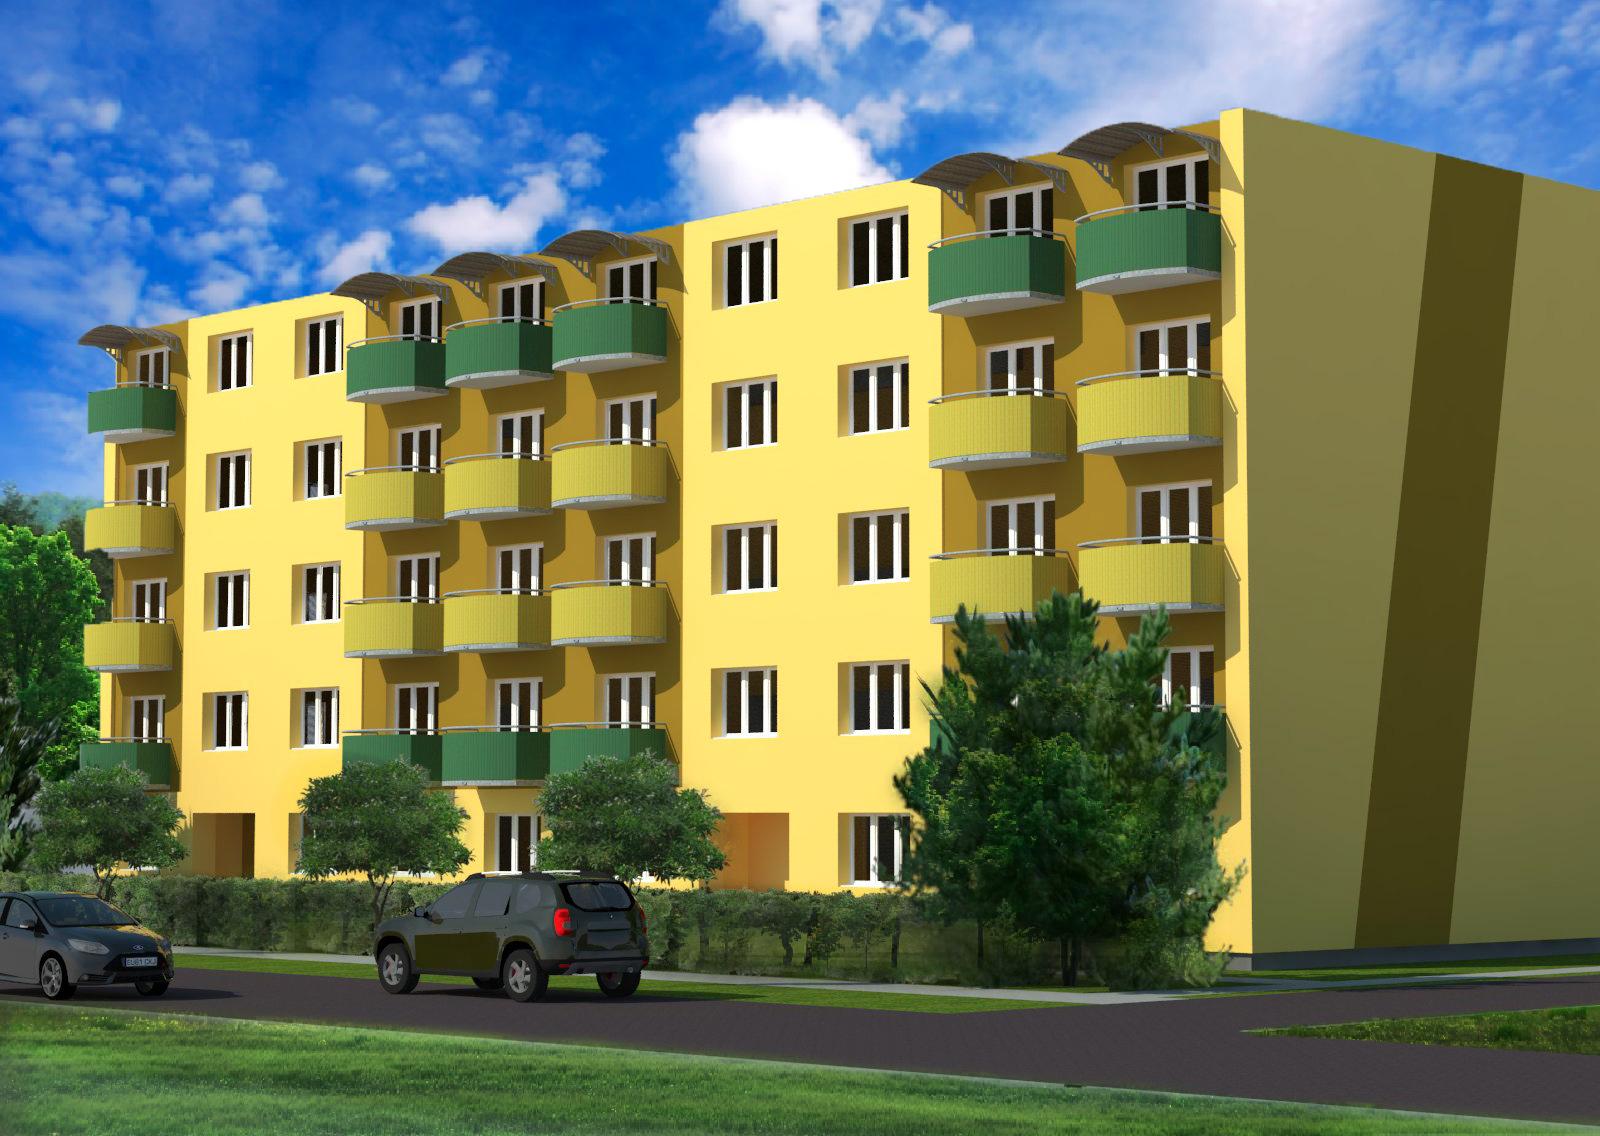 Vizualizace a návrh fasády na bytovém domě